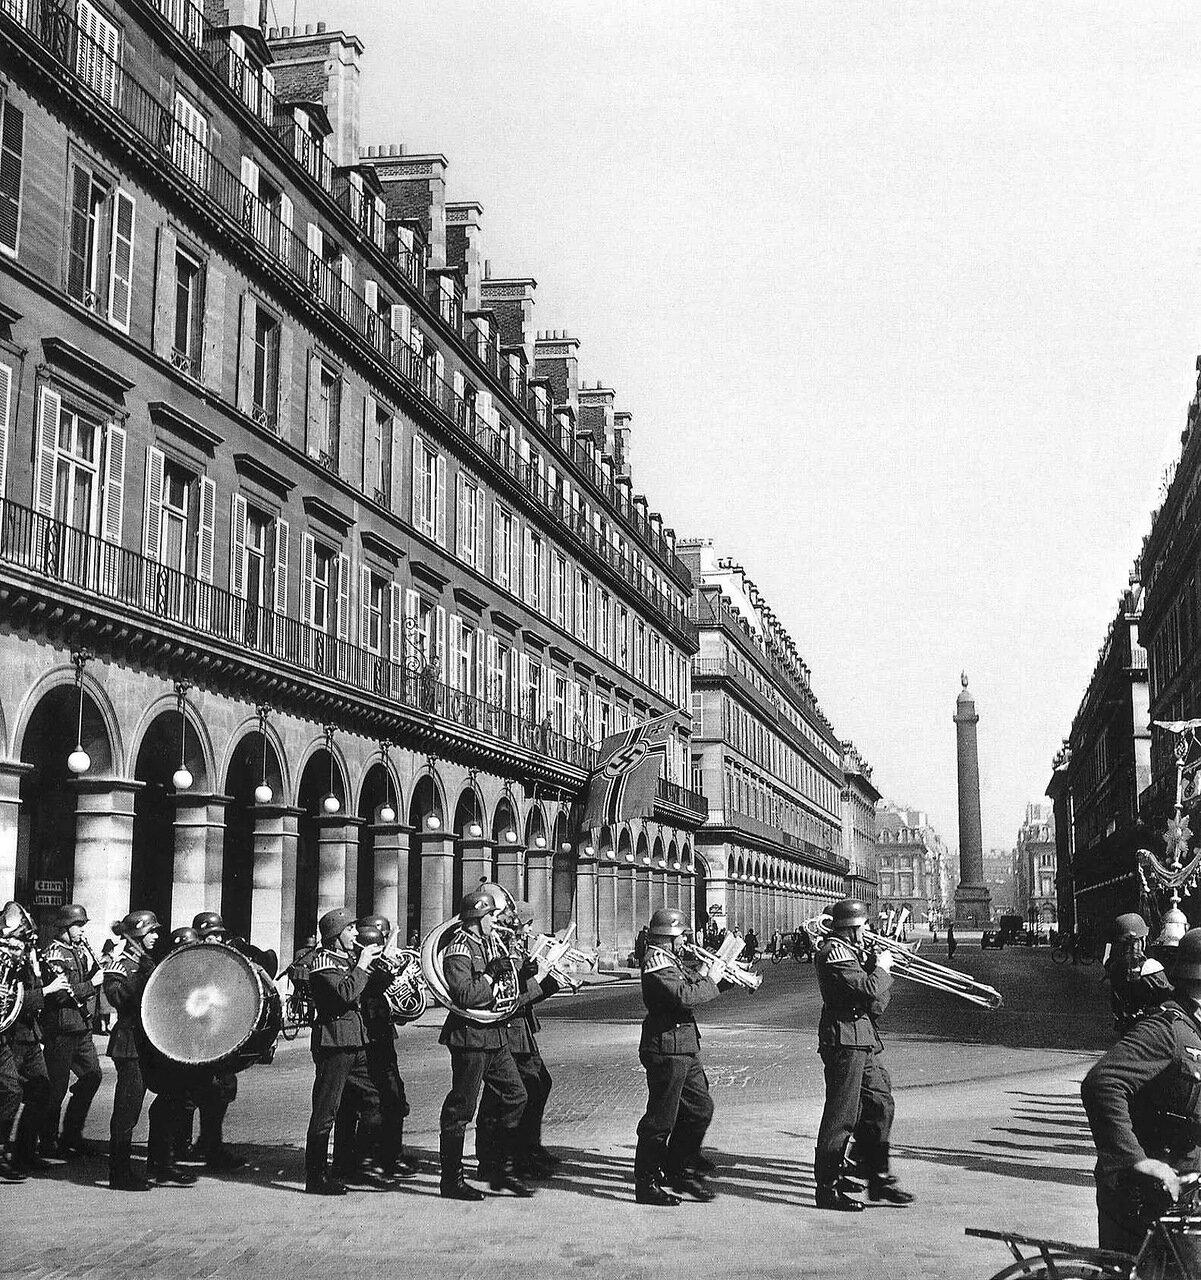 1940. Оркестр в оккупированном Париже